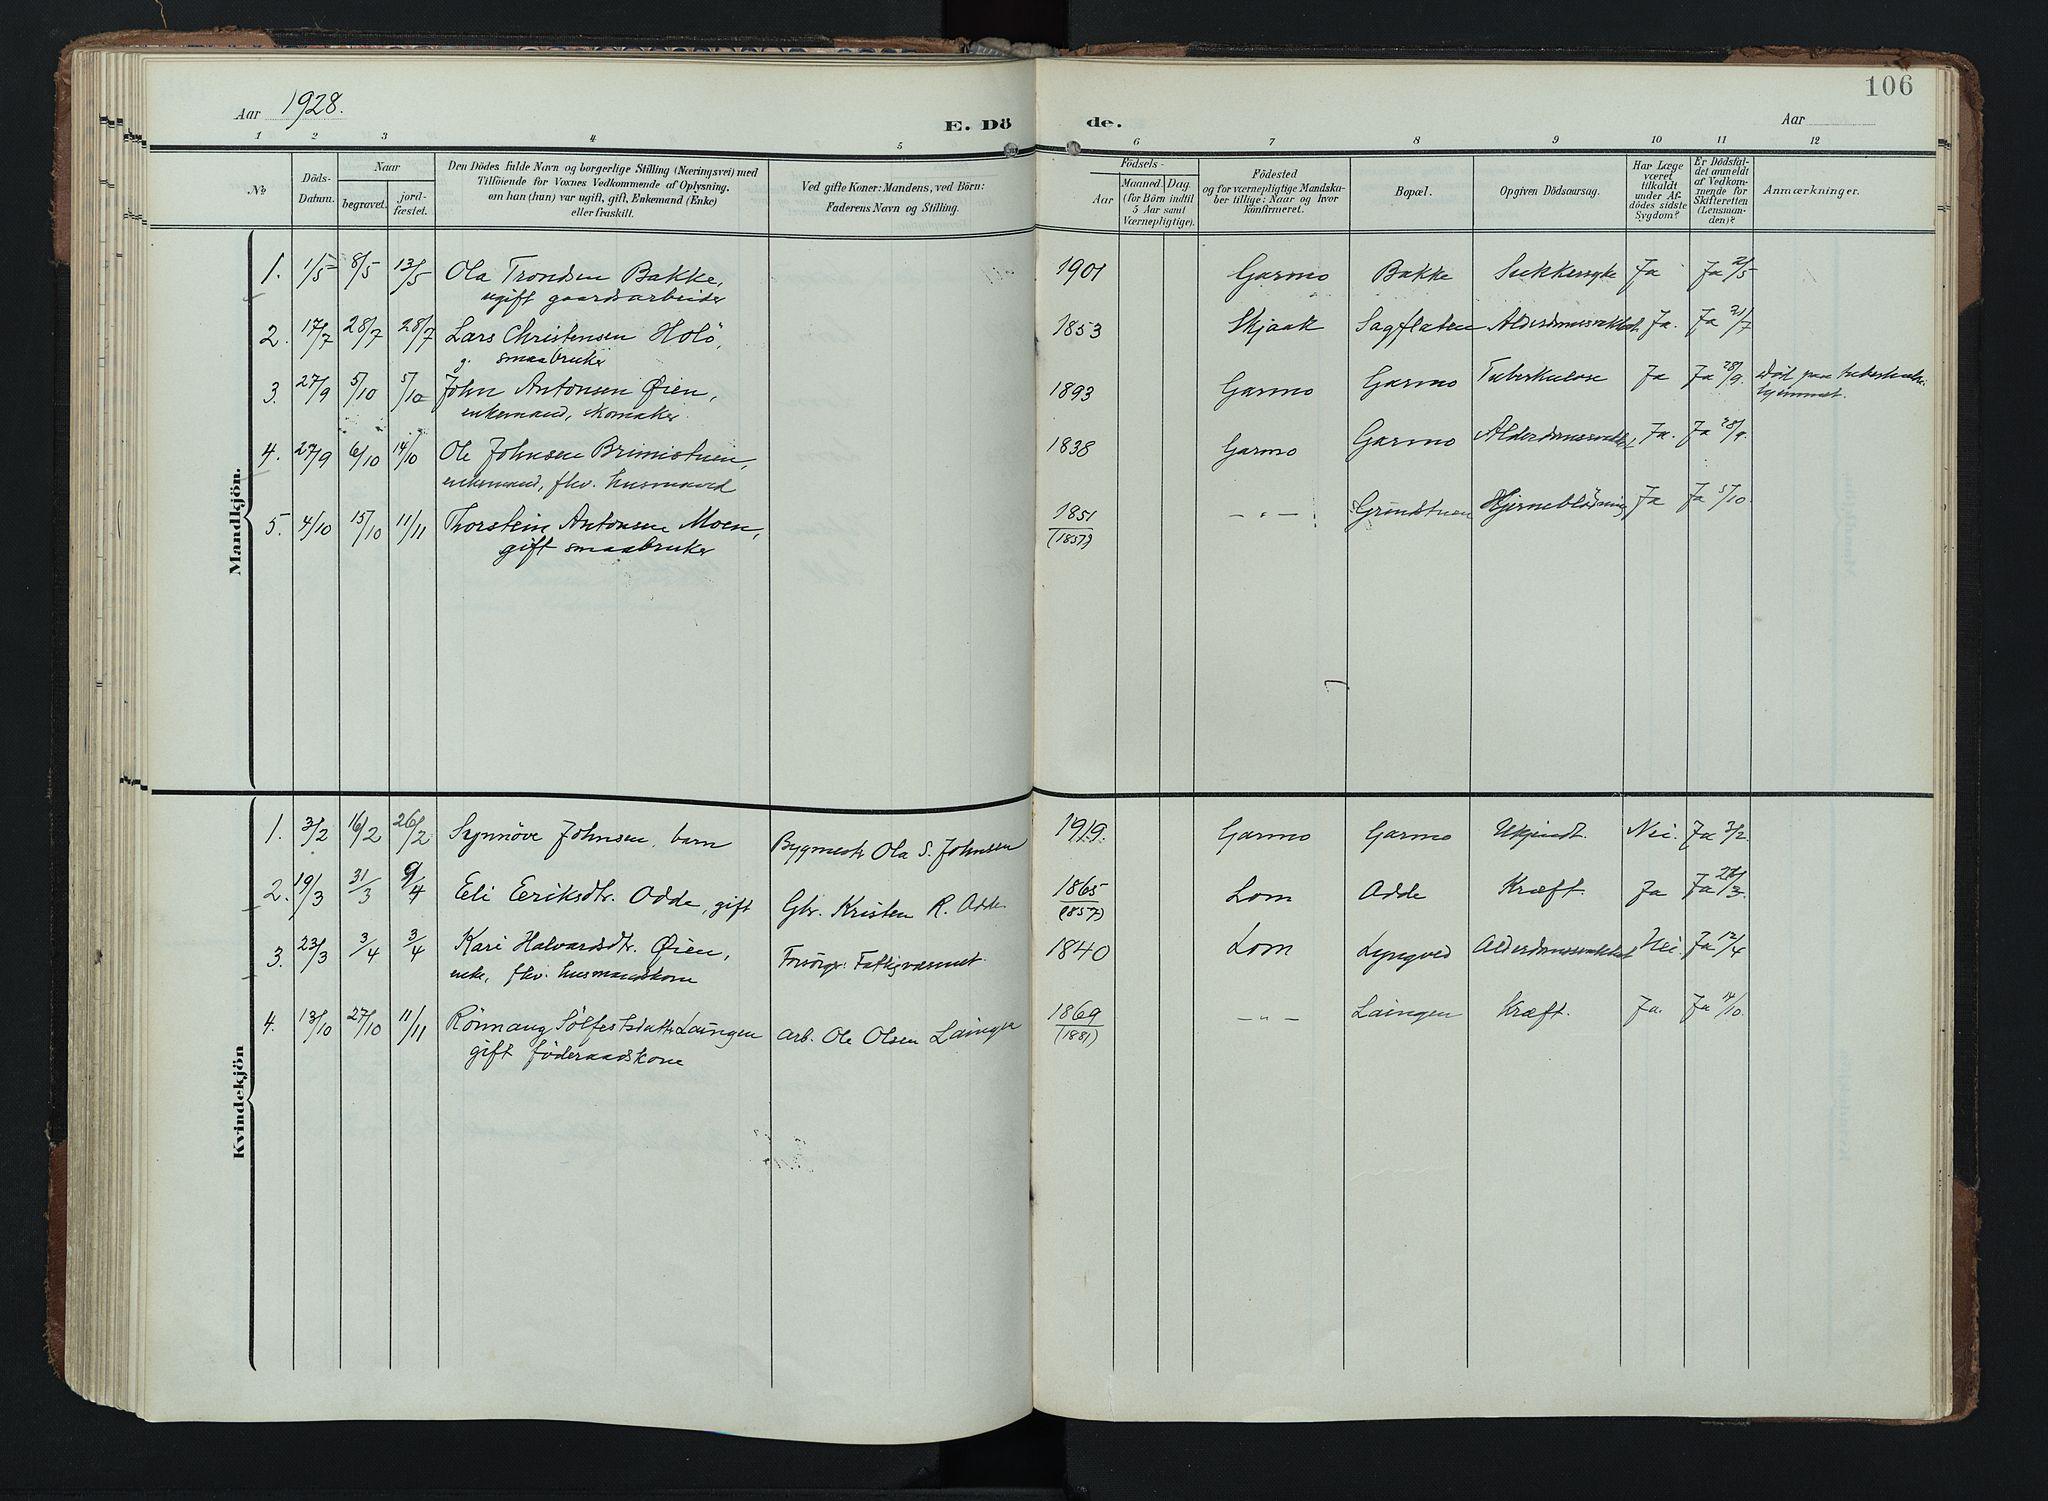 SAH, Lom prestekontor, K/L0011: Ministerialbok nr. 11, 1904-1928, s. 106